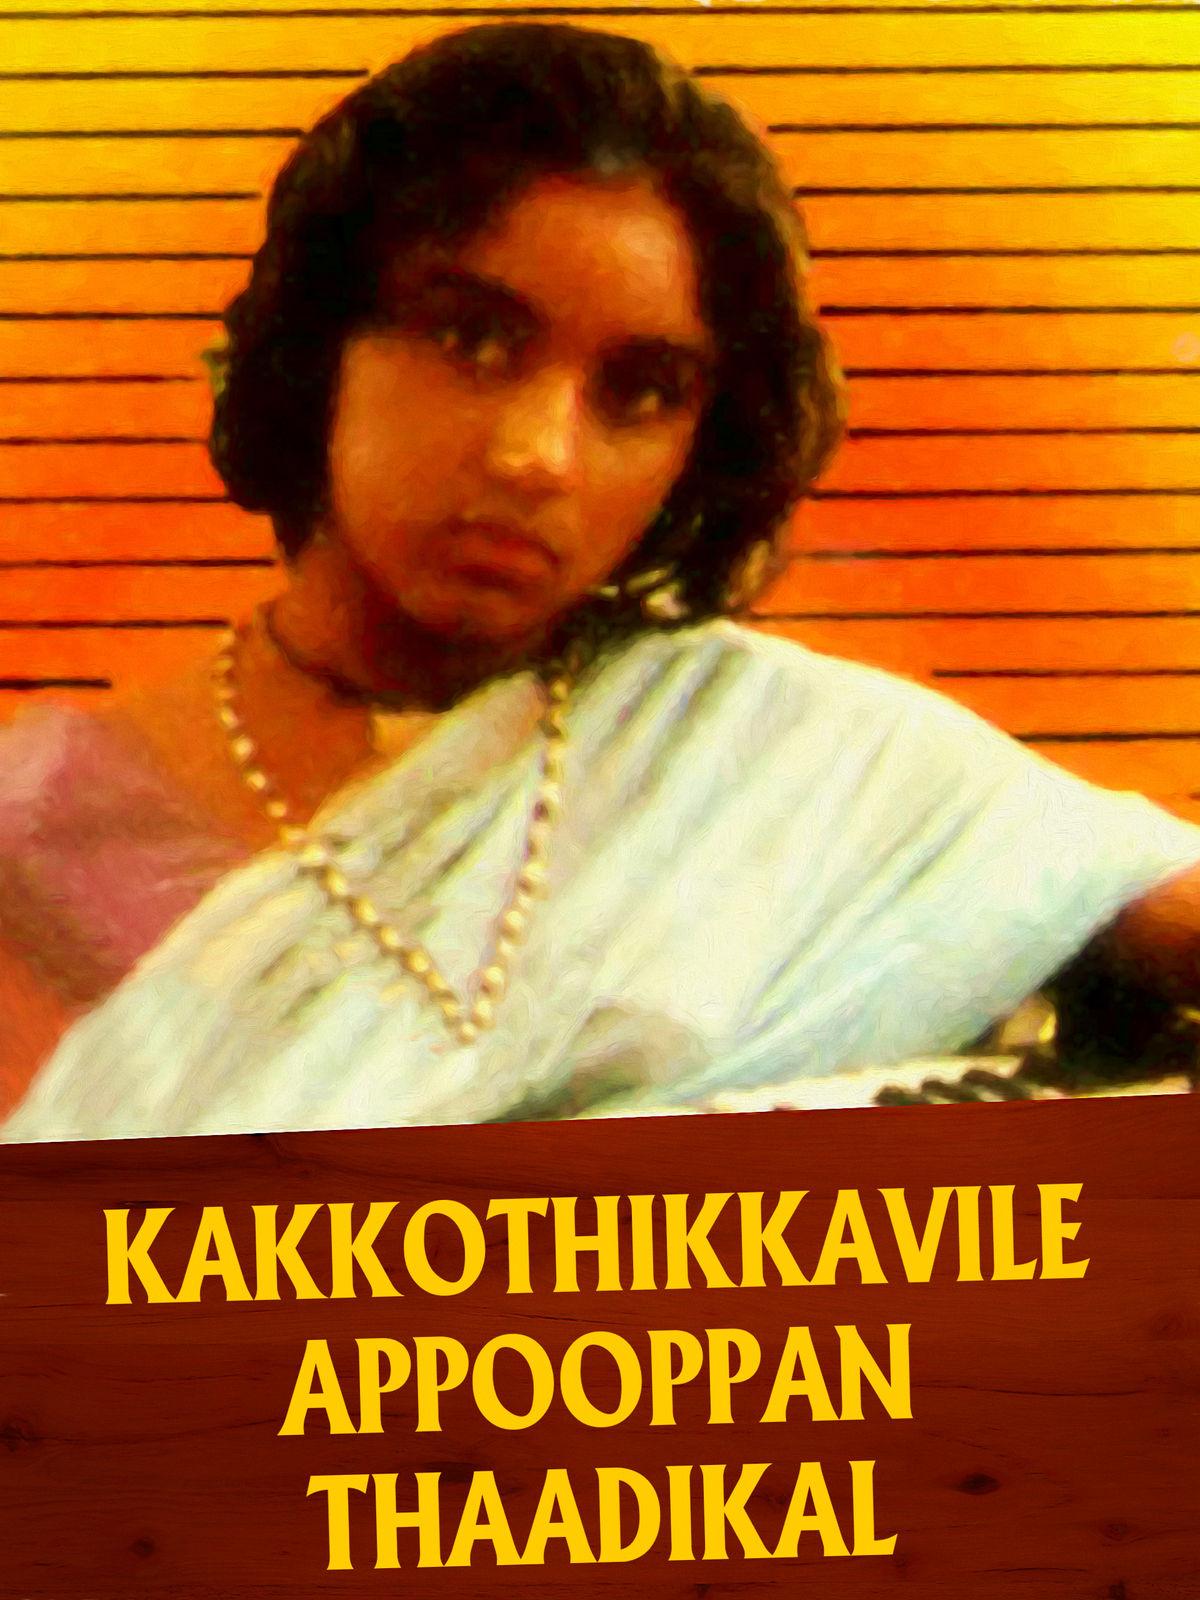 Kakkothikkavile Appooppan Thaadikal